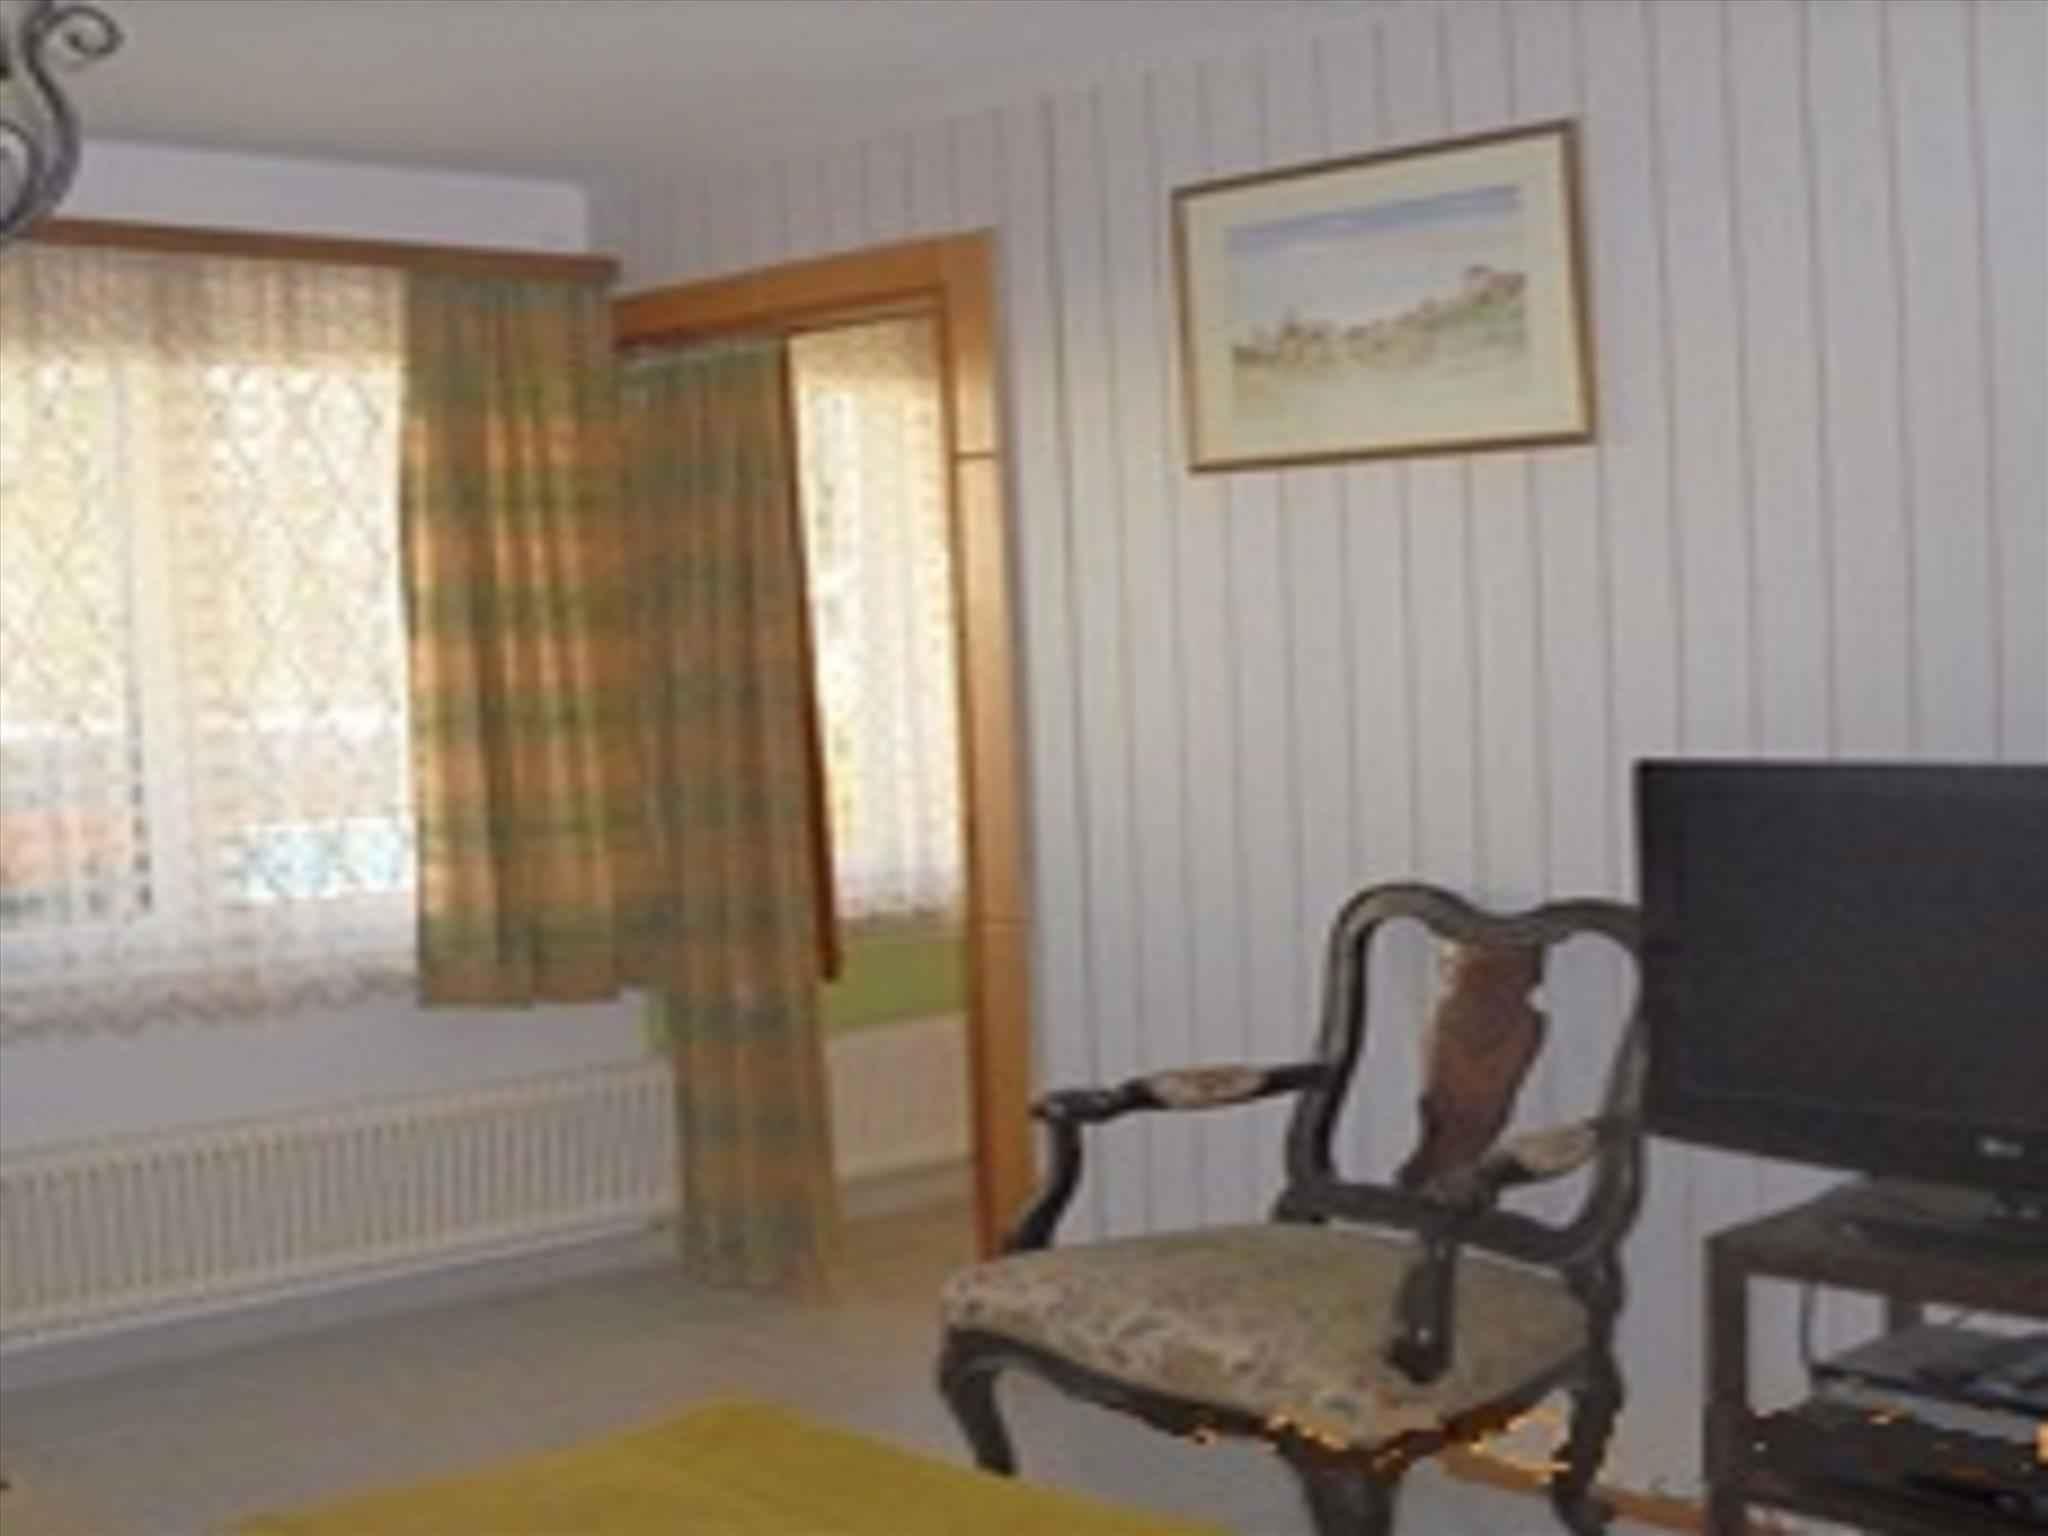 Ferienwohnung mit großem Garten, Grillmöglichkeit und Außenpool (281300), Mölbling, , Kärnten, Österreich, Bild 11